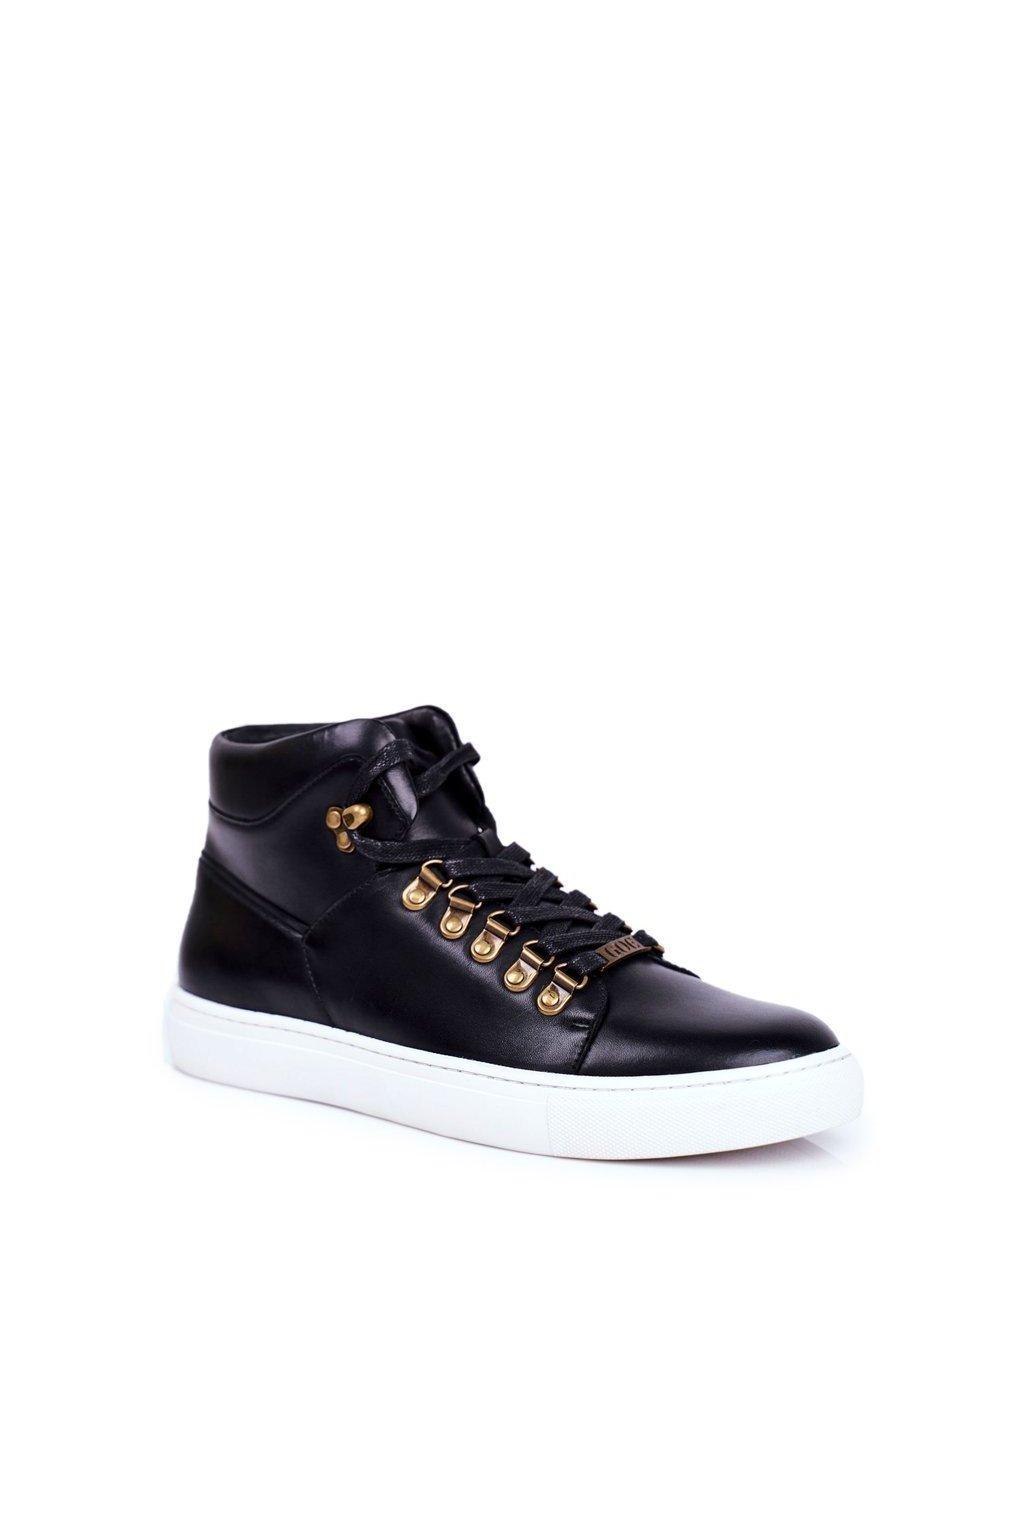 Čierna obuv kód topánok GG1N3009 BLK